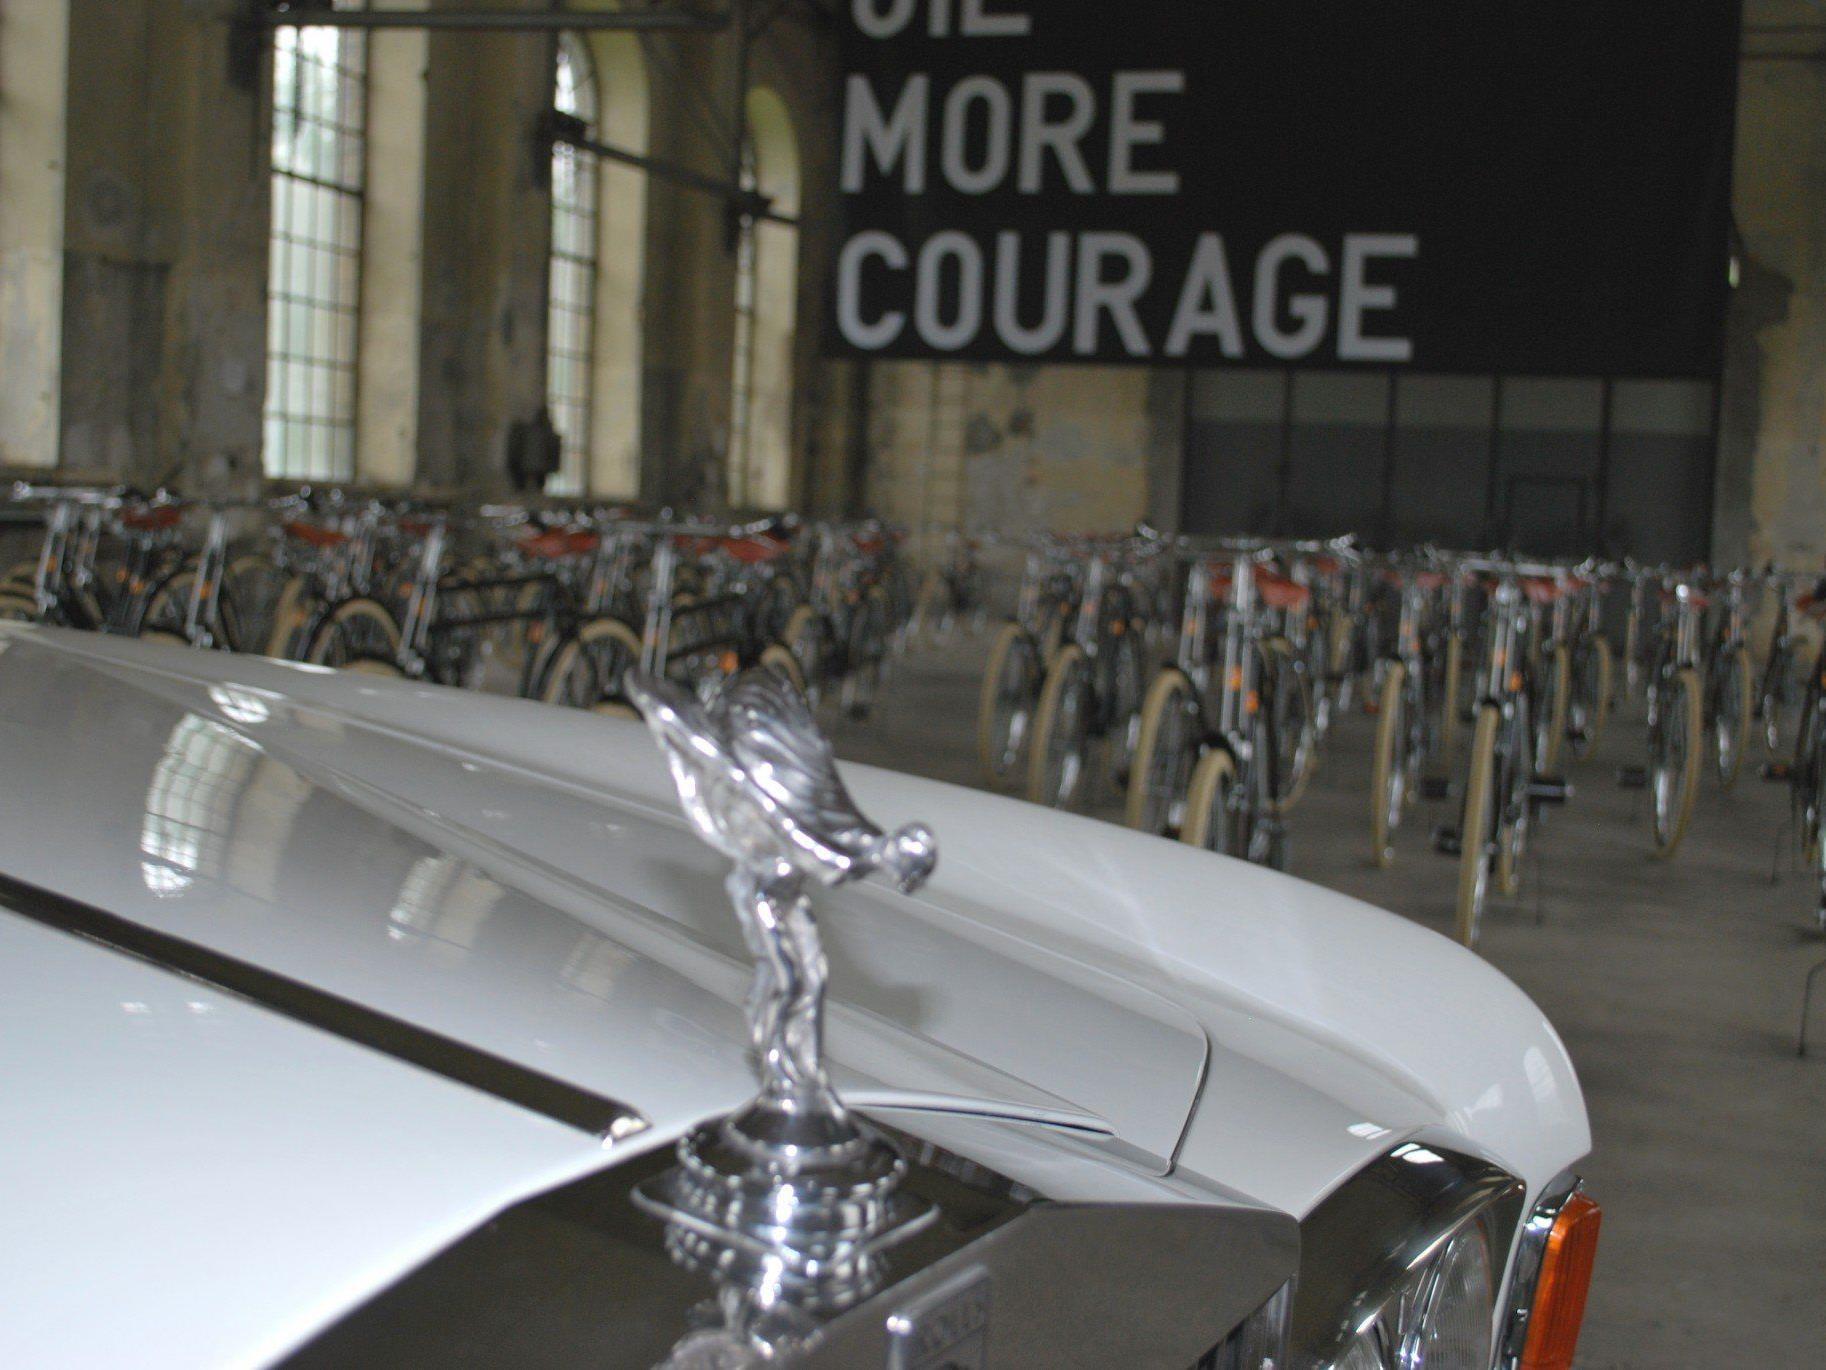 Ein Rolls Royce als Teil der Ausstellung im Kunstraum